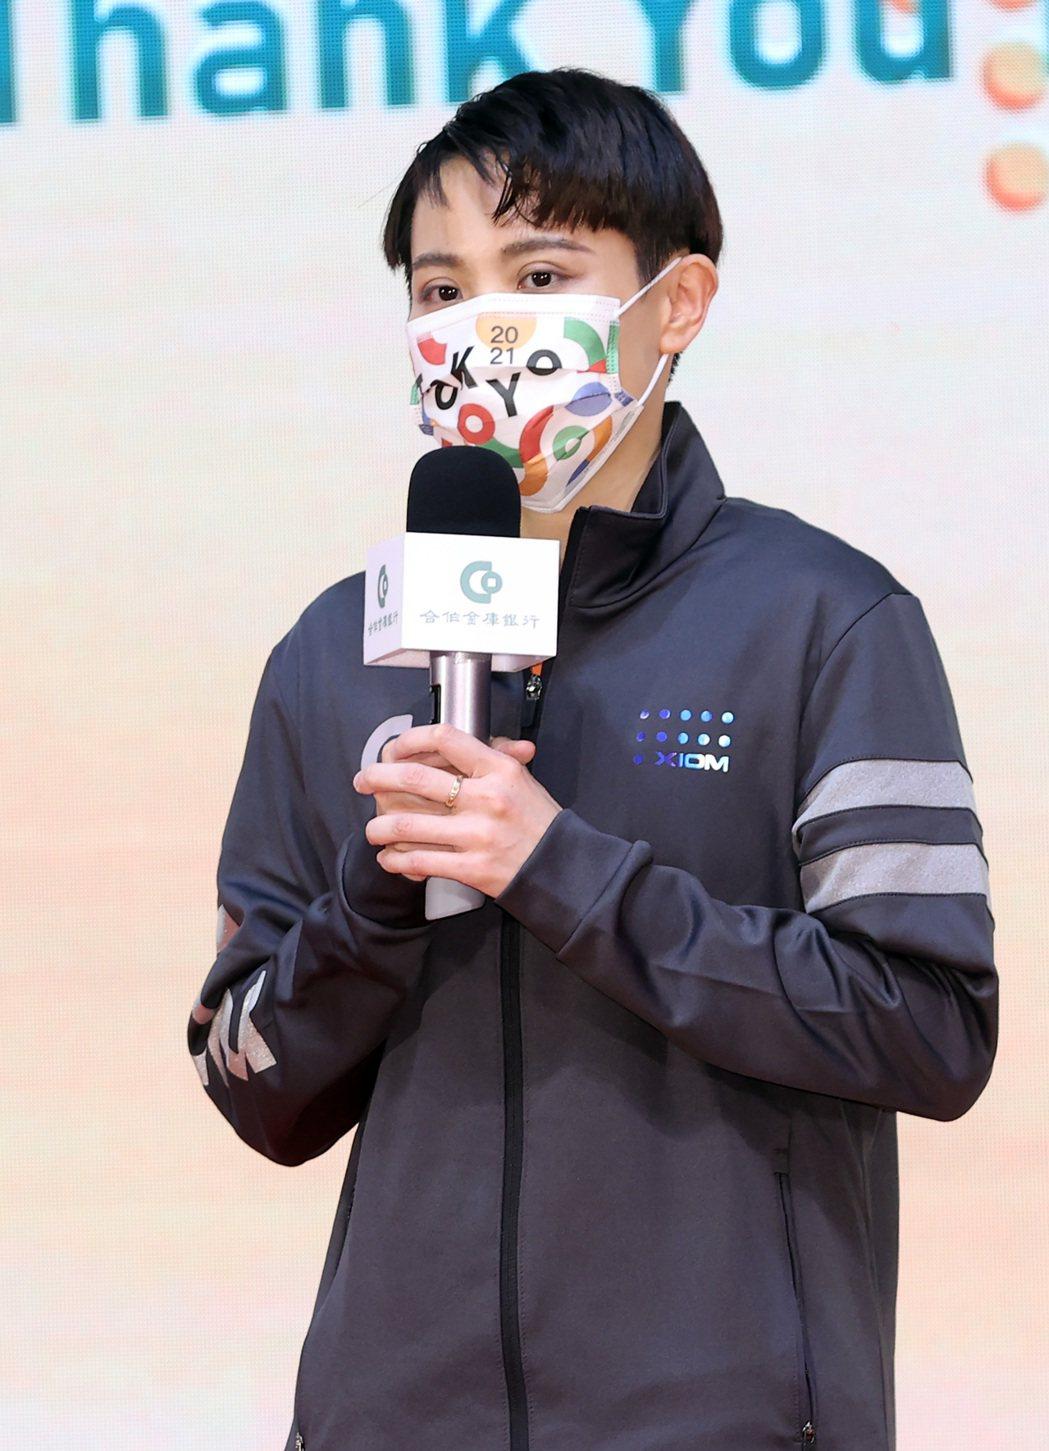 合作金庫表揚在東京奧運表現亮眼的自家選手,桌球選手鄭怡靜代表致詞。記者林澔一/攝